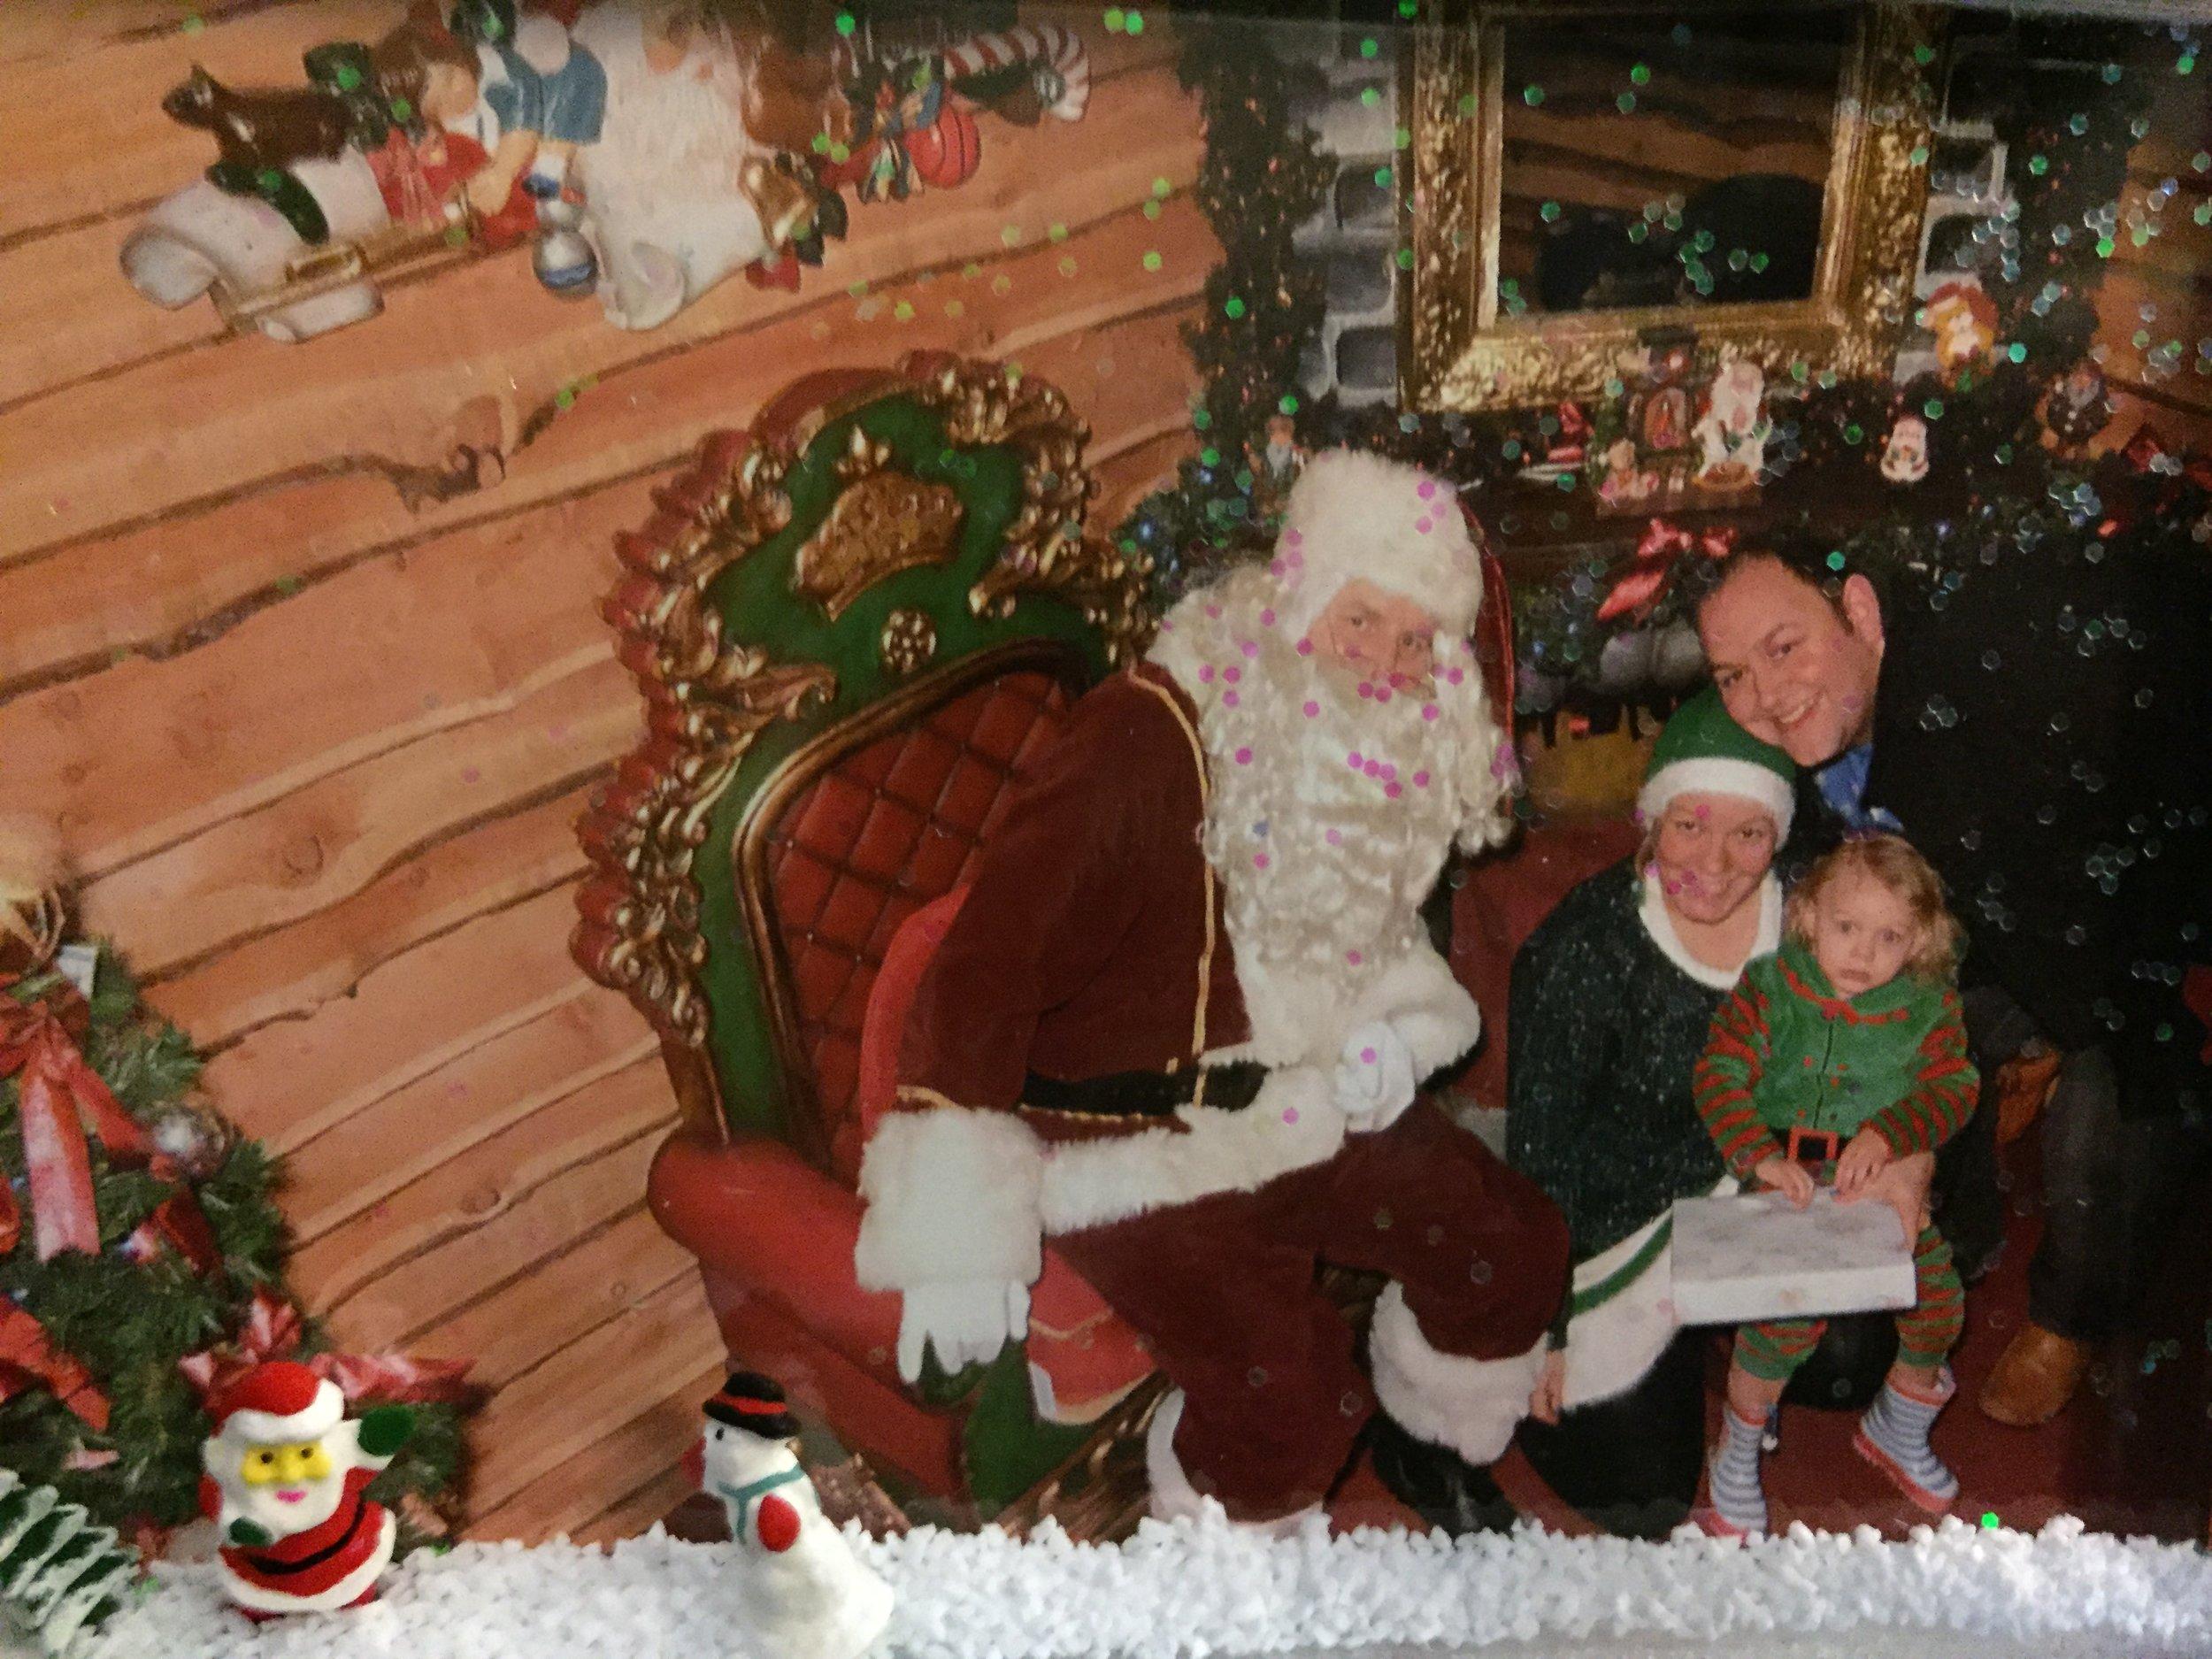 Visiting Santa at Baytree Winter Wonderland